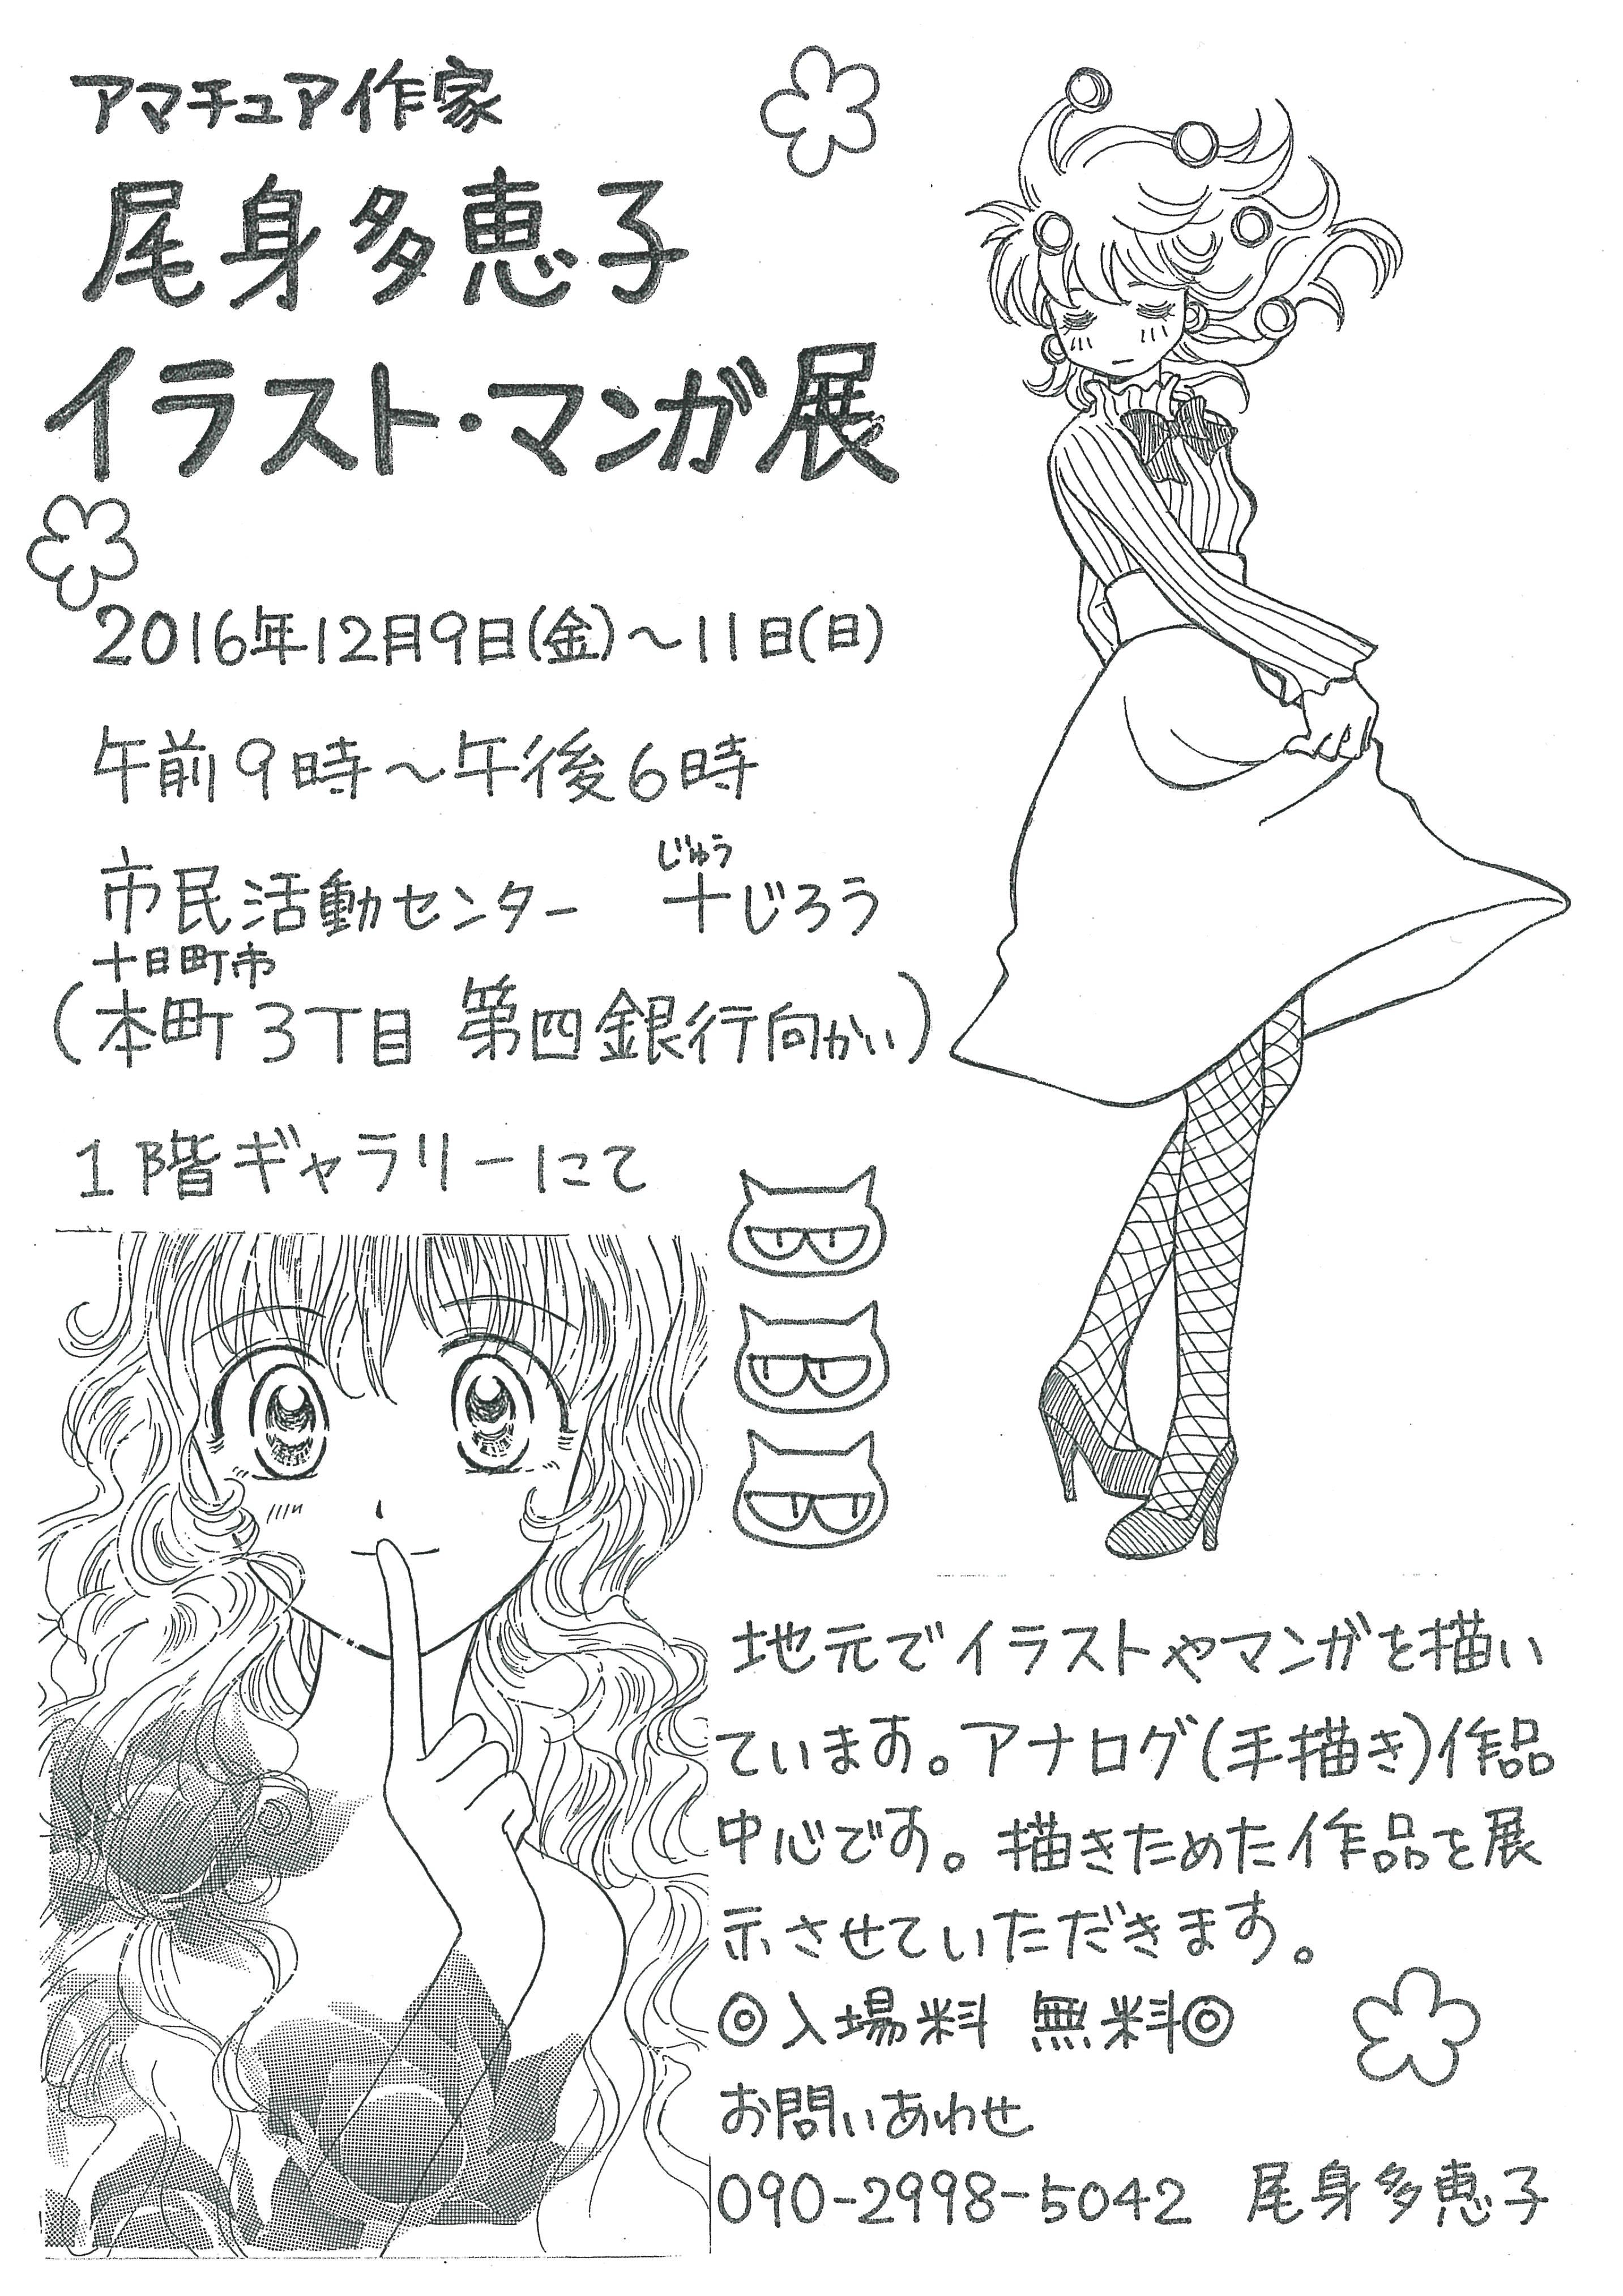 アマチュア作家 尾身多恵子 イラスト・マンガ展